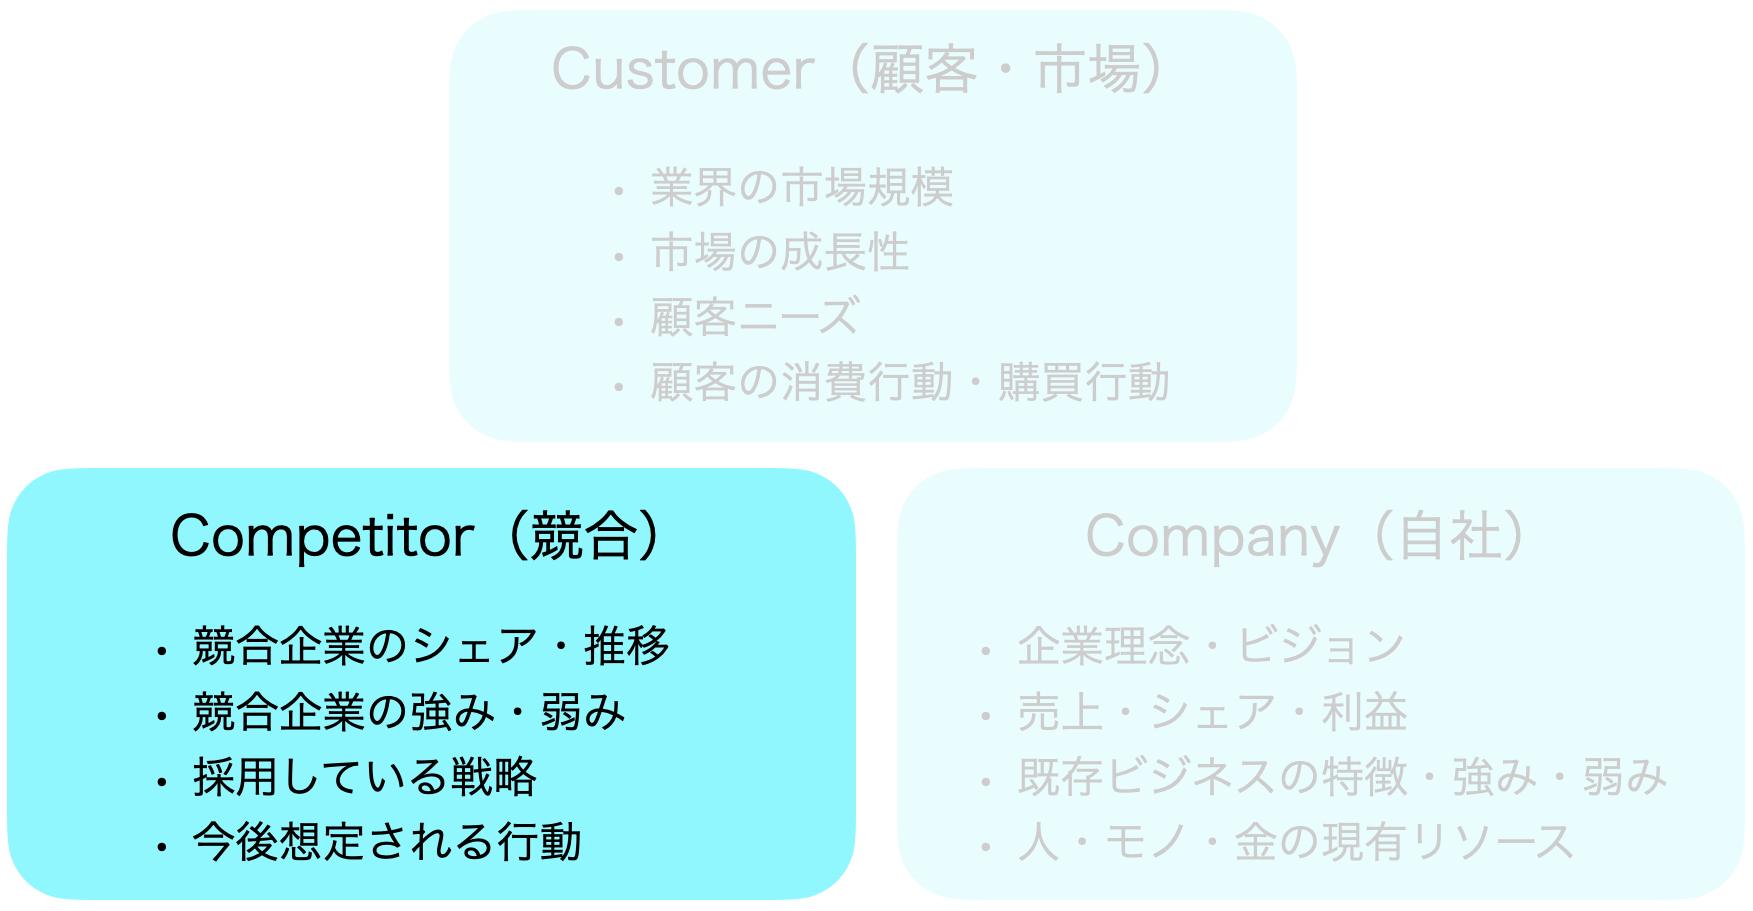 3C分析:Competitor(競合)分析